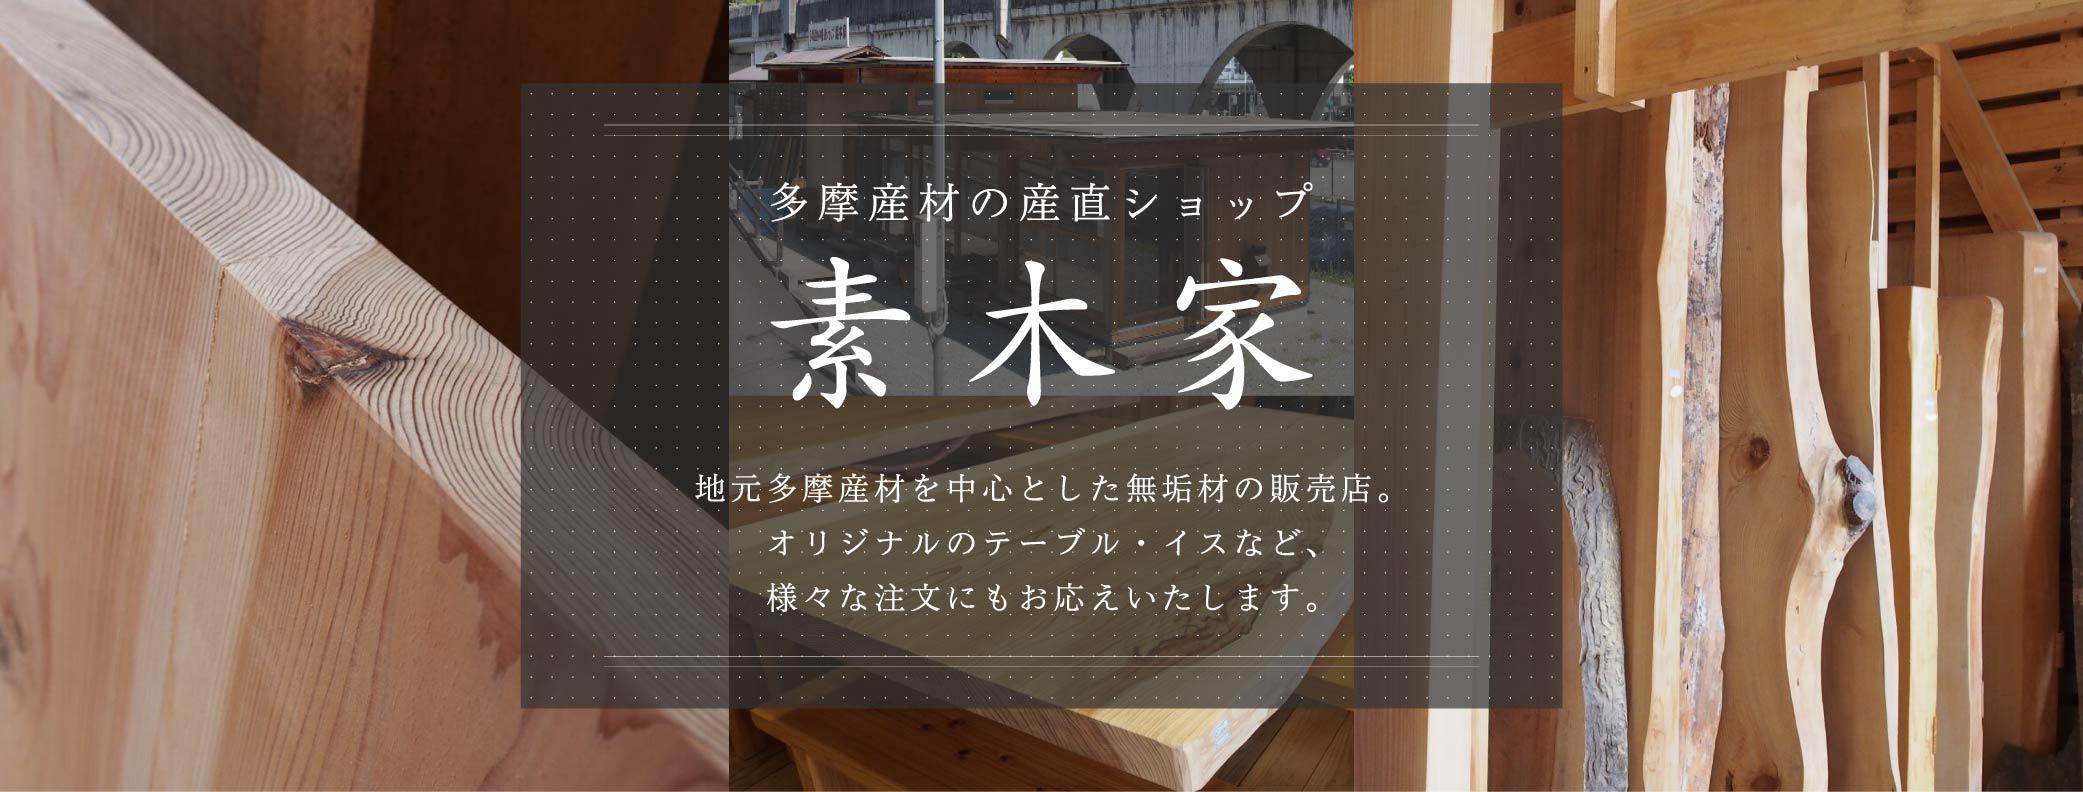 多摩産材の産直ショップ素木家